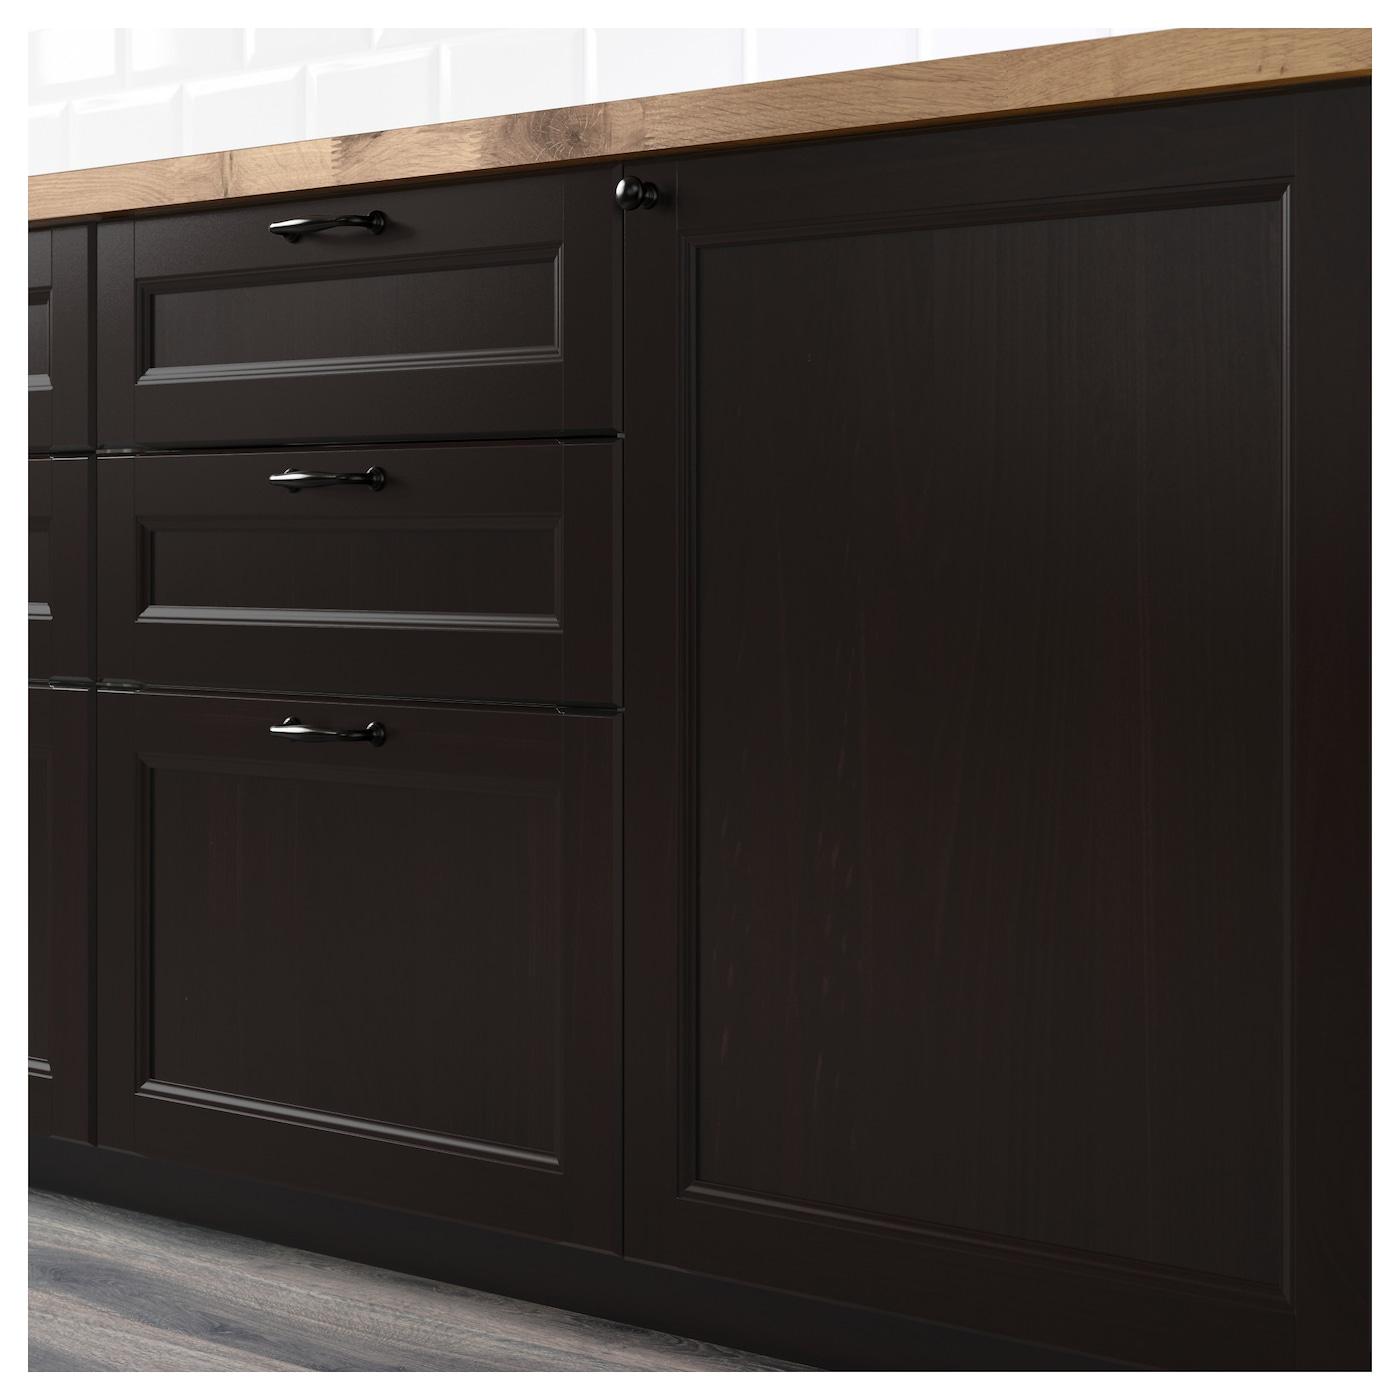 laxarby fa ade pour lave vaisselle brun noir 45x80 cm ikea. Black Bedroom Furniture Sets. Home Design Ideas